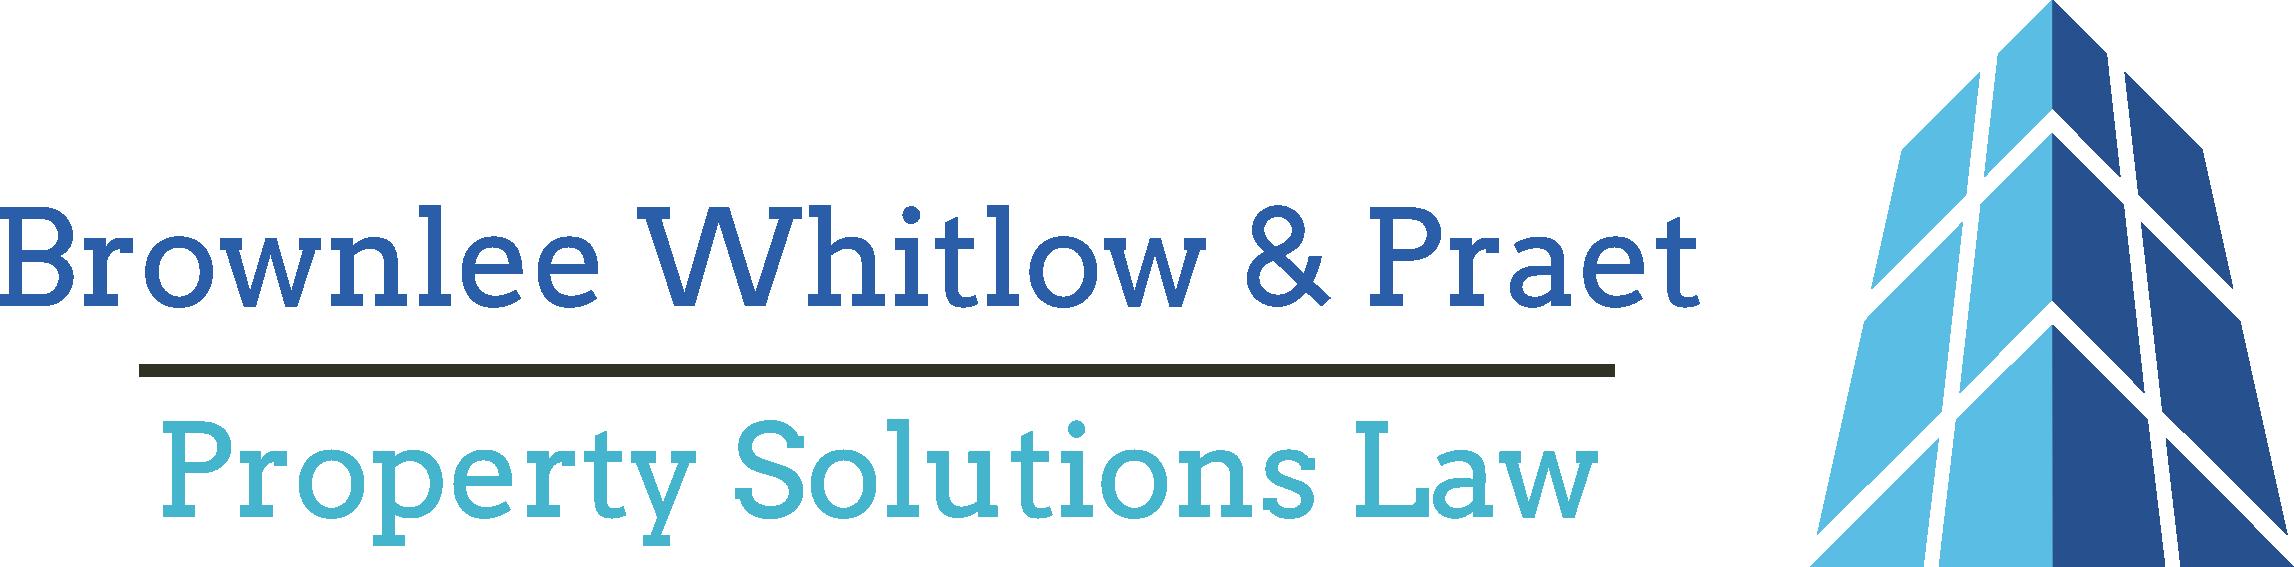 Brownlee Whitlow & Praet Logo